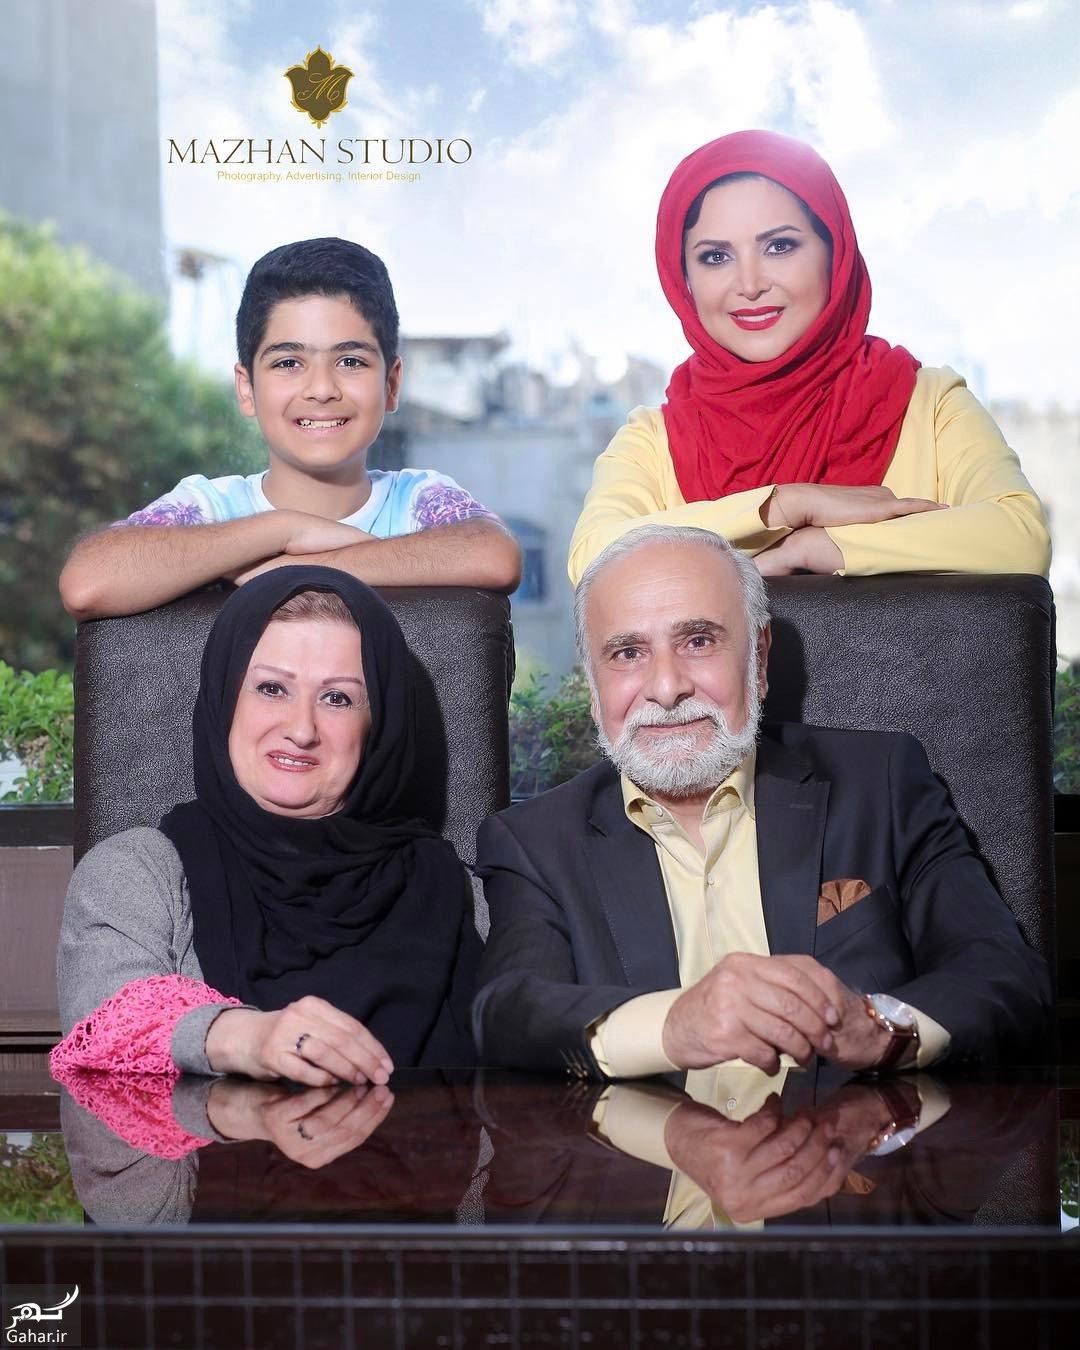 863870 Gahar ir عکس جدید کمند امیرسلیمانی در کنار خانواده اش